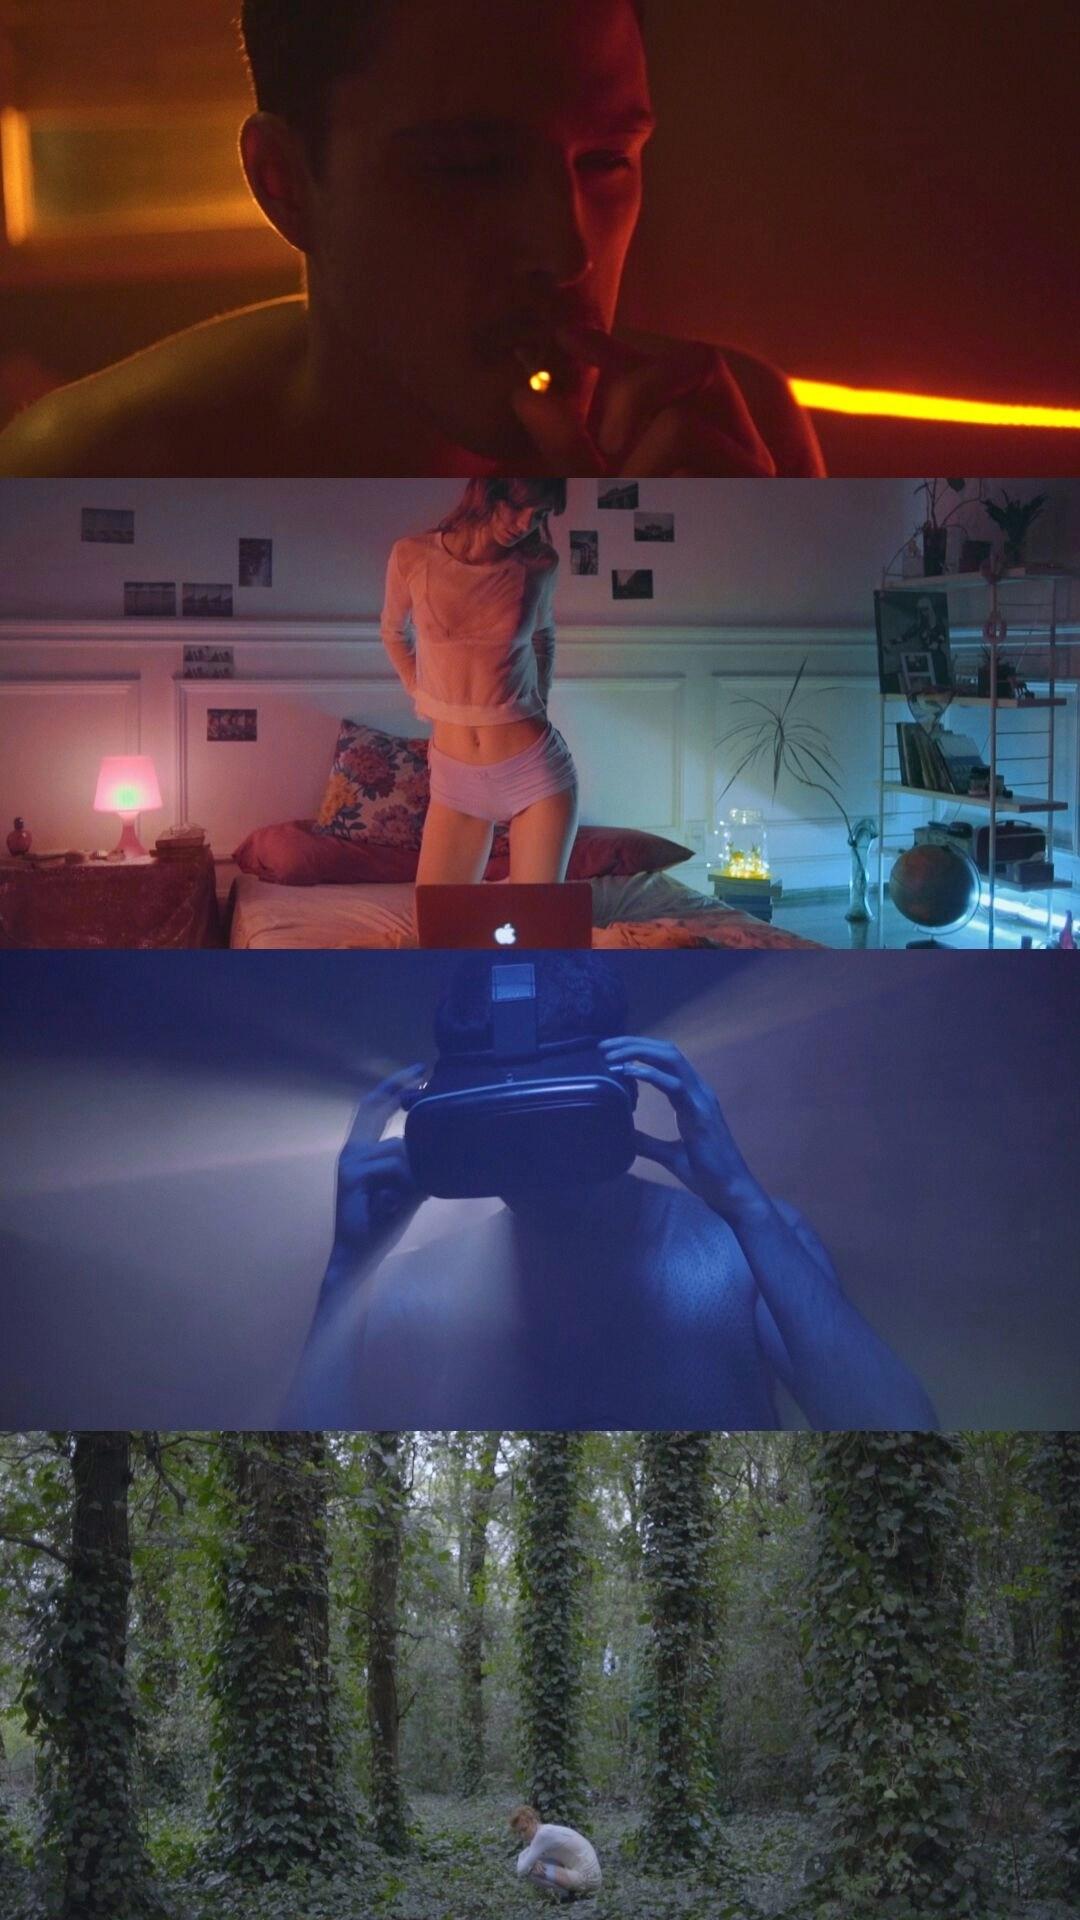 Senses Fran De La Fuente Alexan Sarikamichian Alexan Films